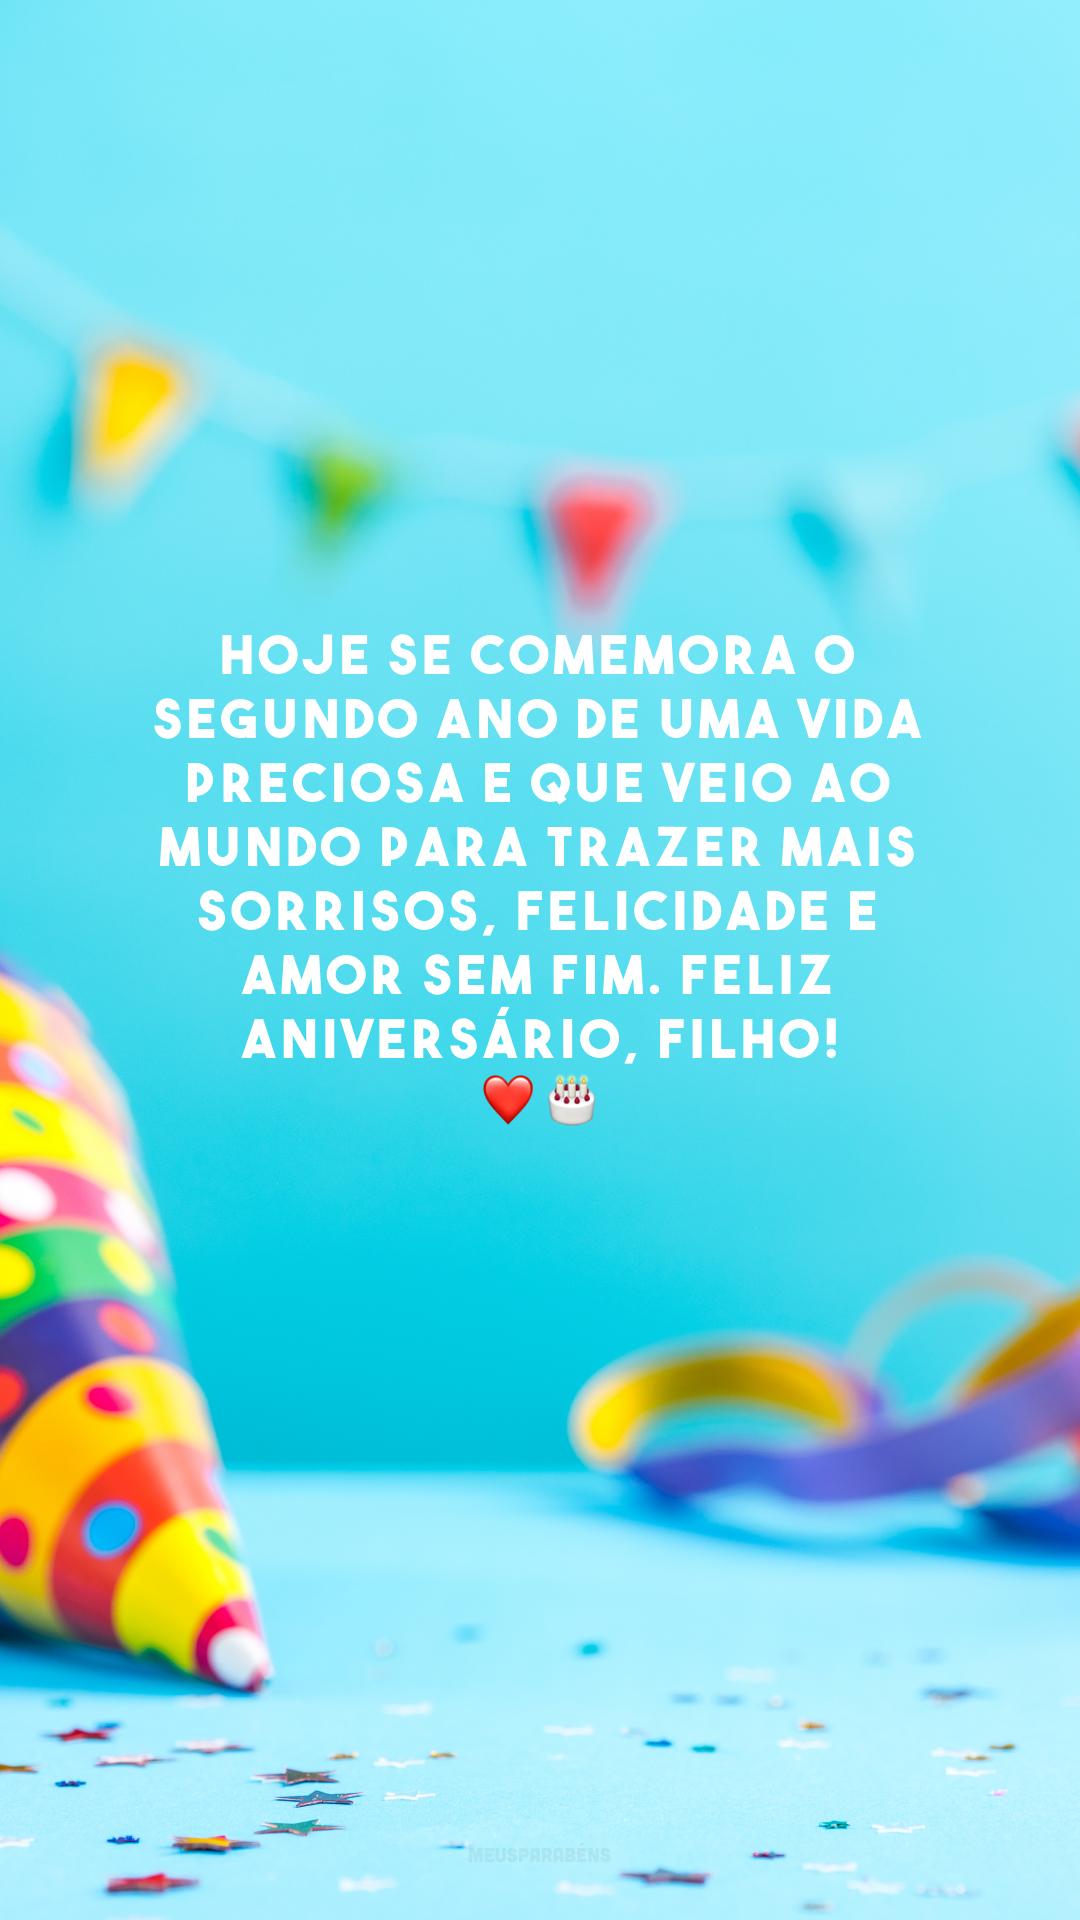 Hoje se comemora o segundo ano de uma vida preciosa e que veio ao mundo para trazer mais sorrisos, felicidade e amor sem fim. Feliz aniversário, filho! ❤️🎂